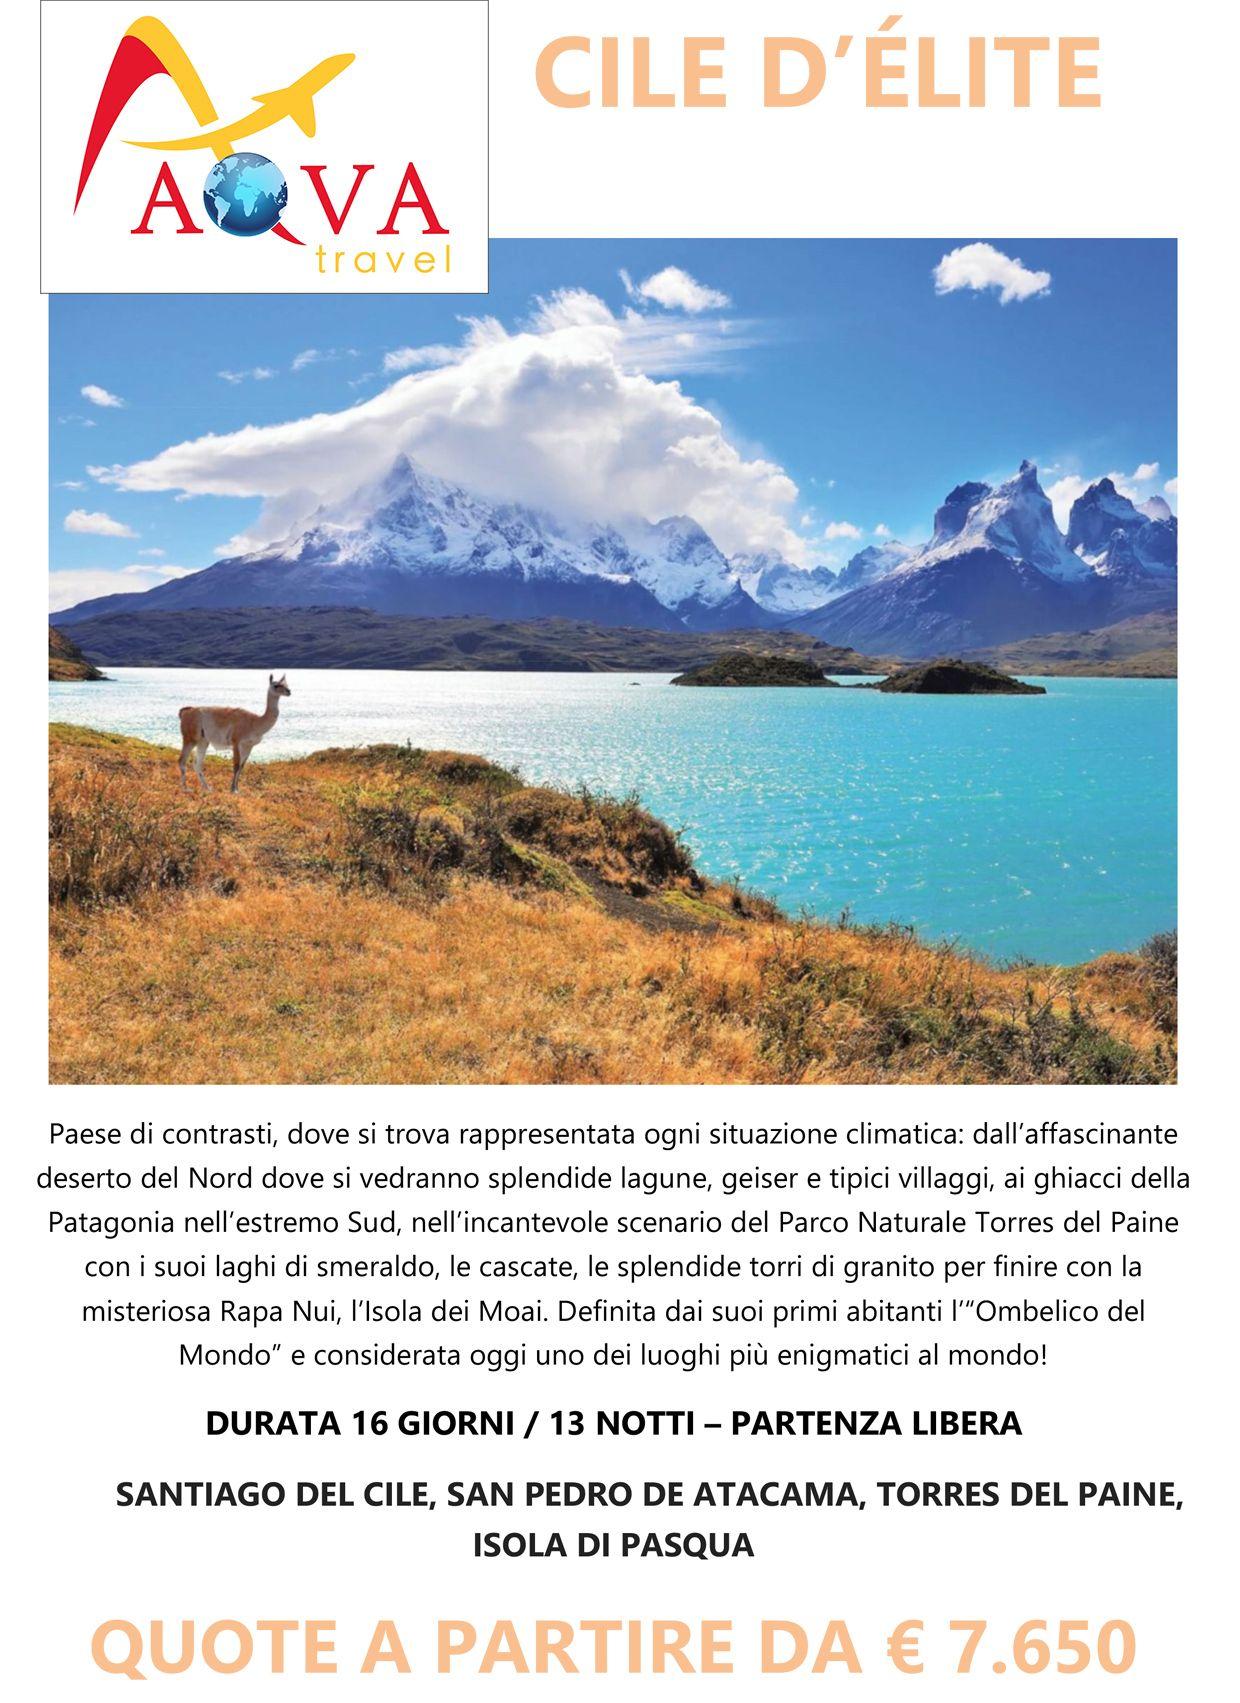 Tour SANTIAGO DEL CILE, SAN PEDRO DE ATACAMA, TORRES DEL PAINE, ISOLA DI PASQUA